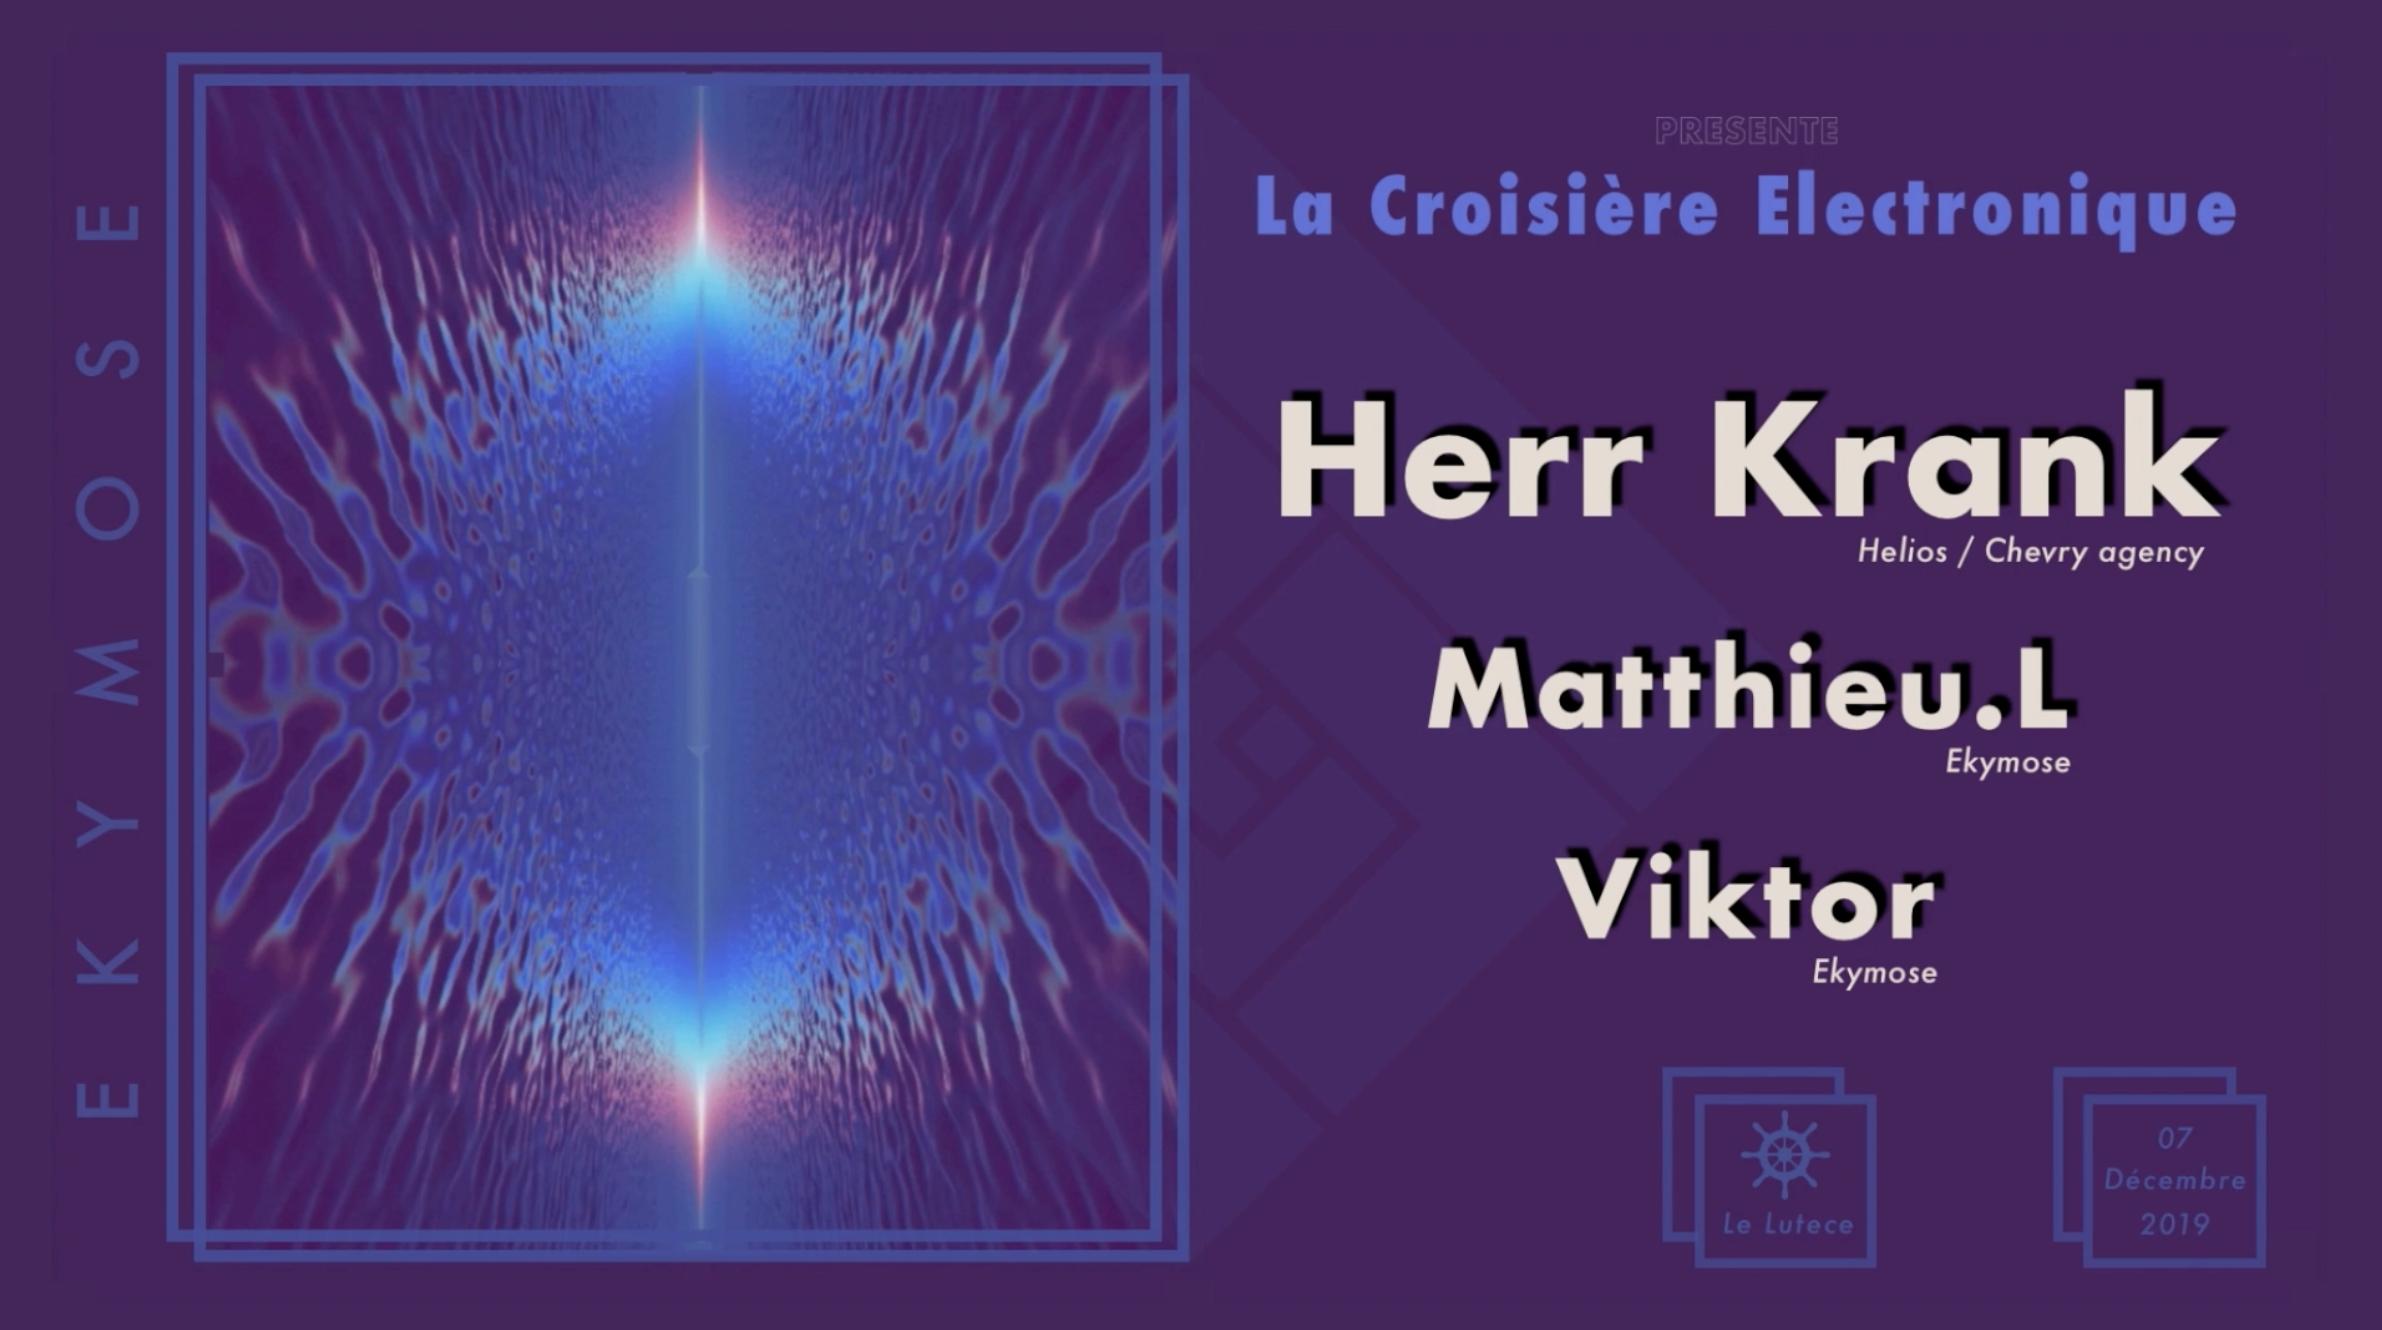 Ekymose : Croisière Electronique w/ Herr Krank, Viktor, Matthieu